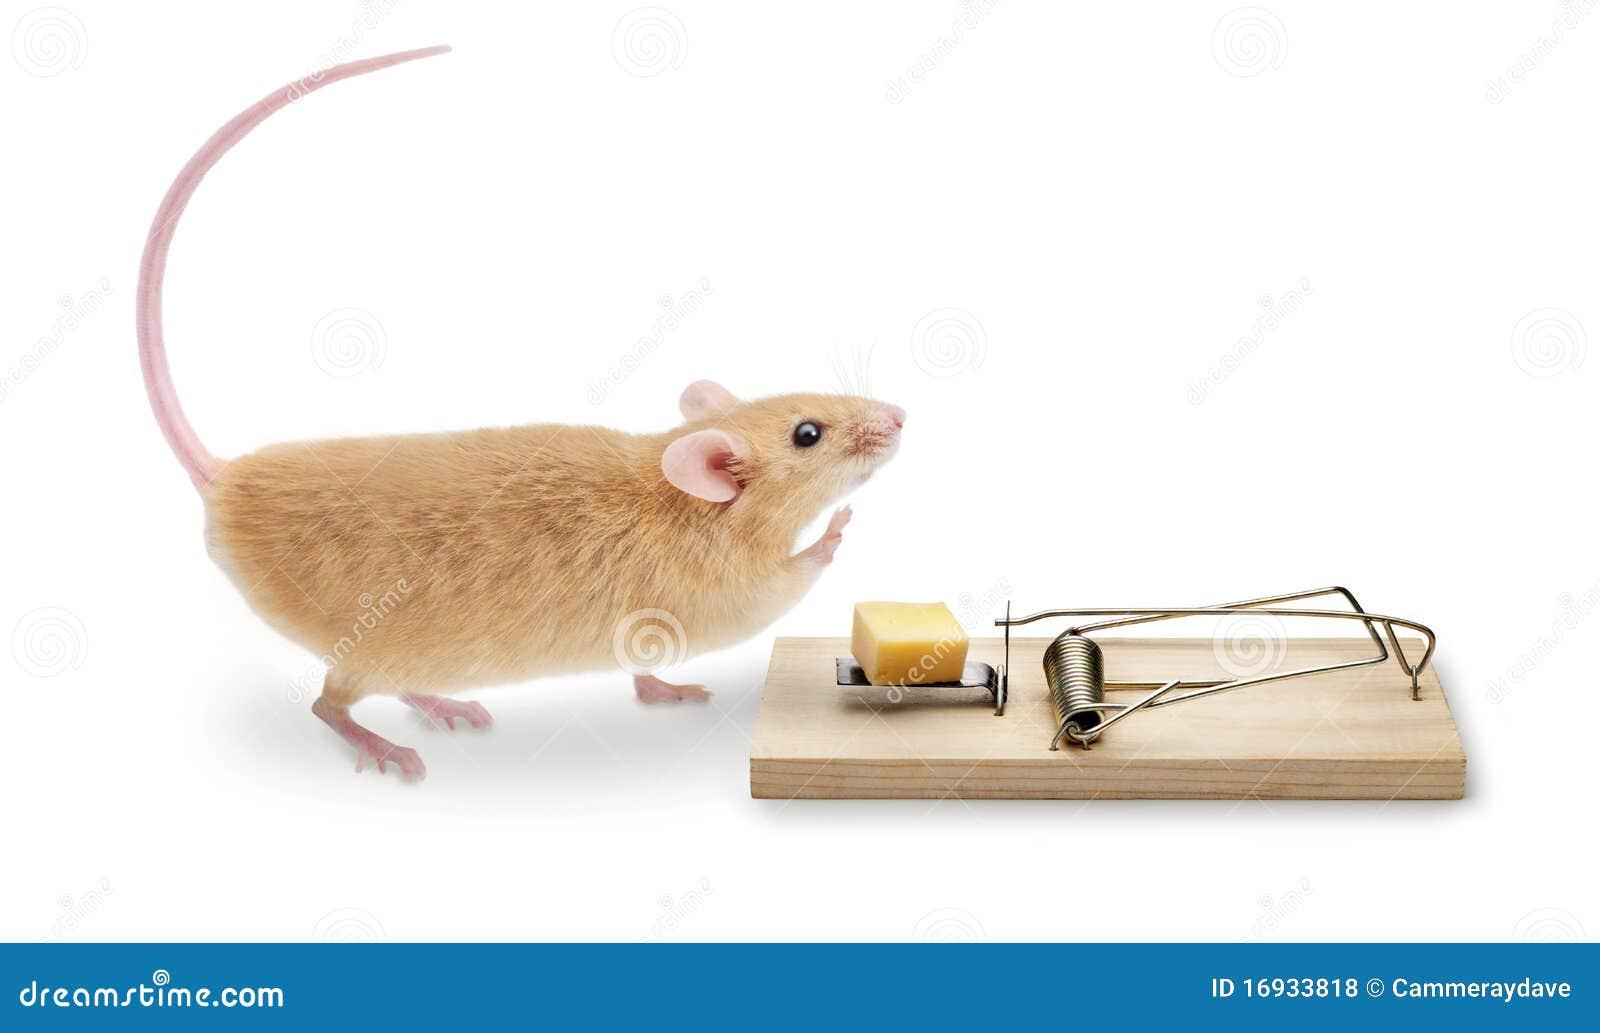 鼠标捕鼠器